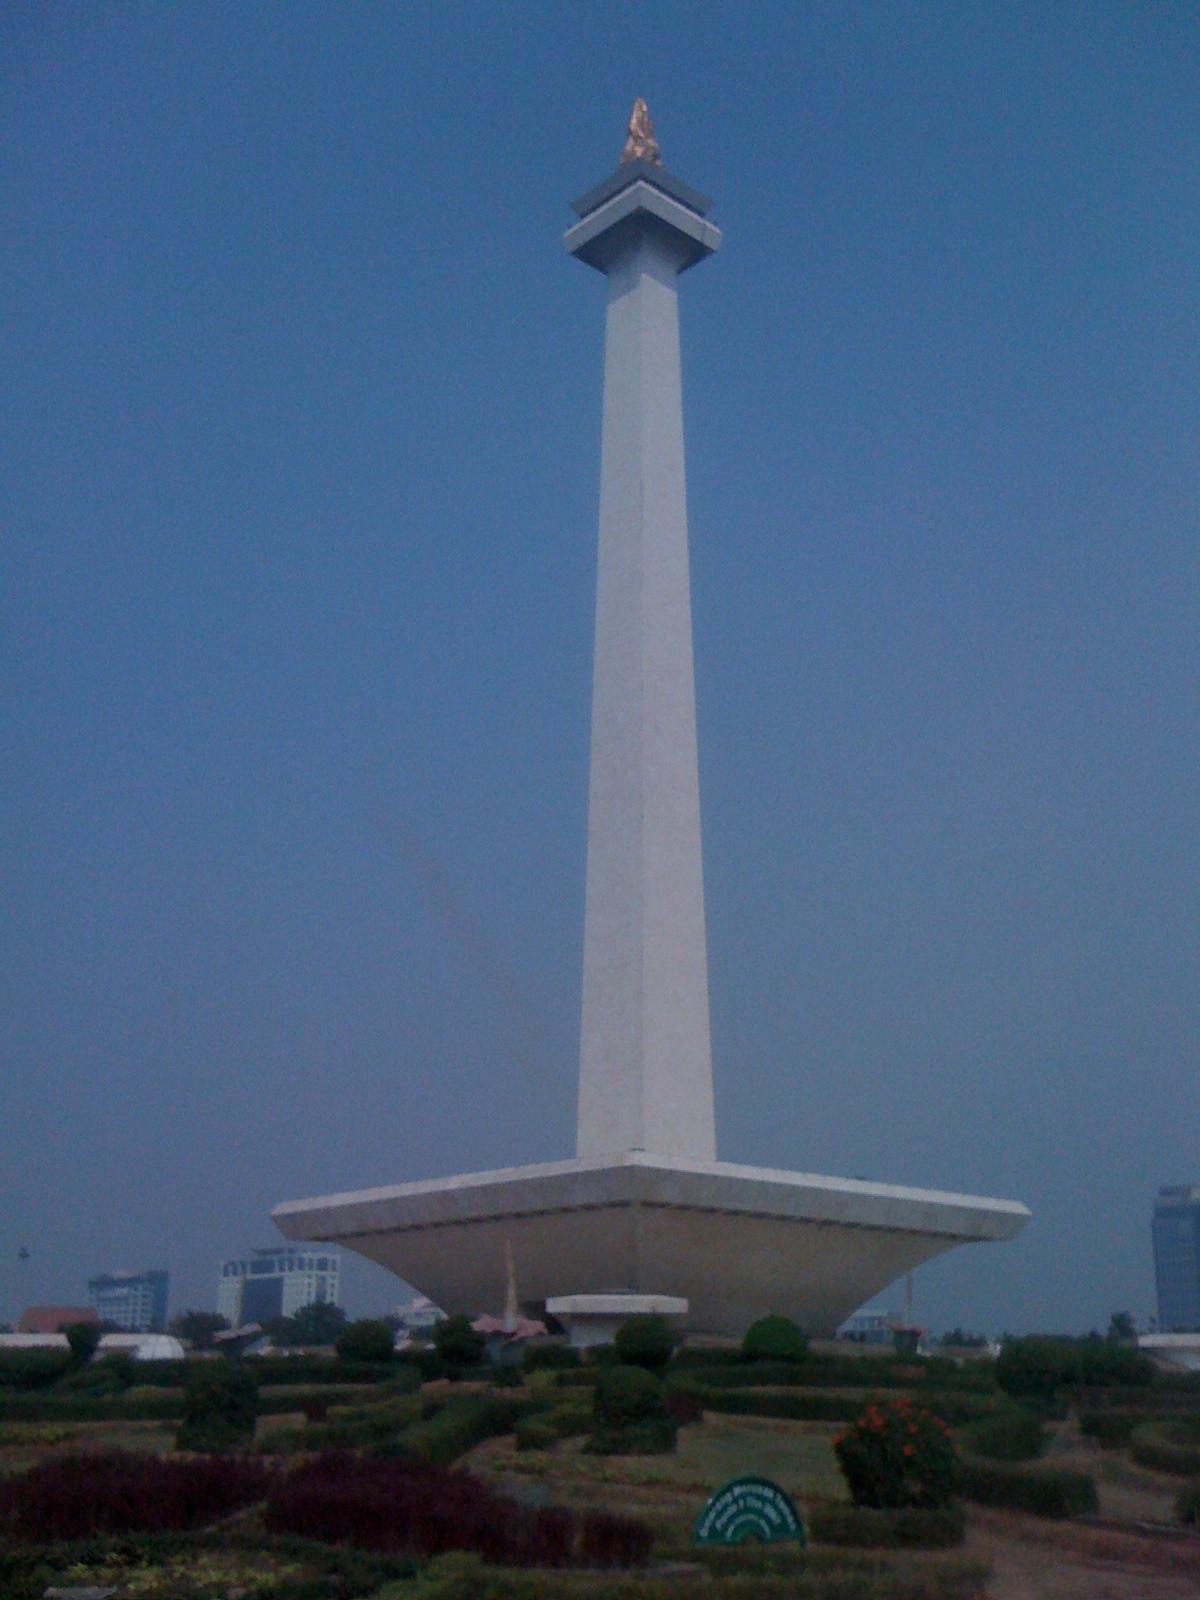 インドネシア独立記念塔(モナス)